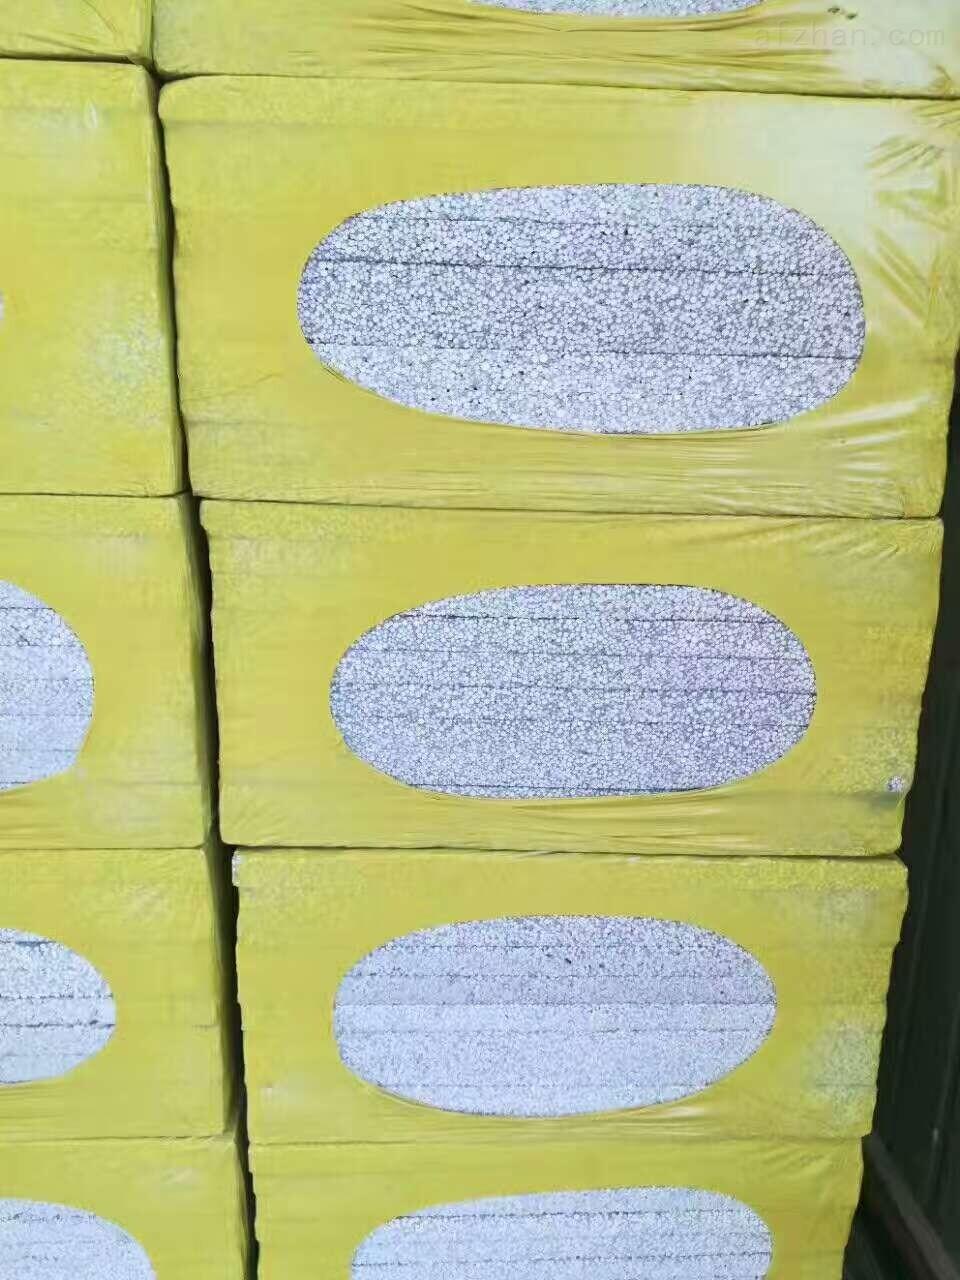 保温材料硅质聚苯板